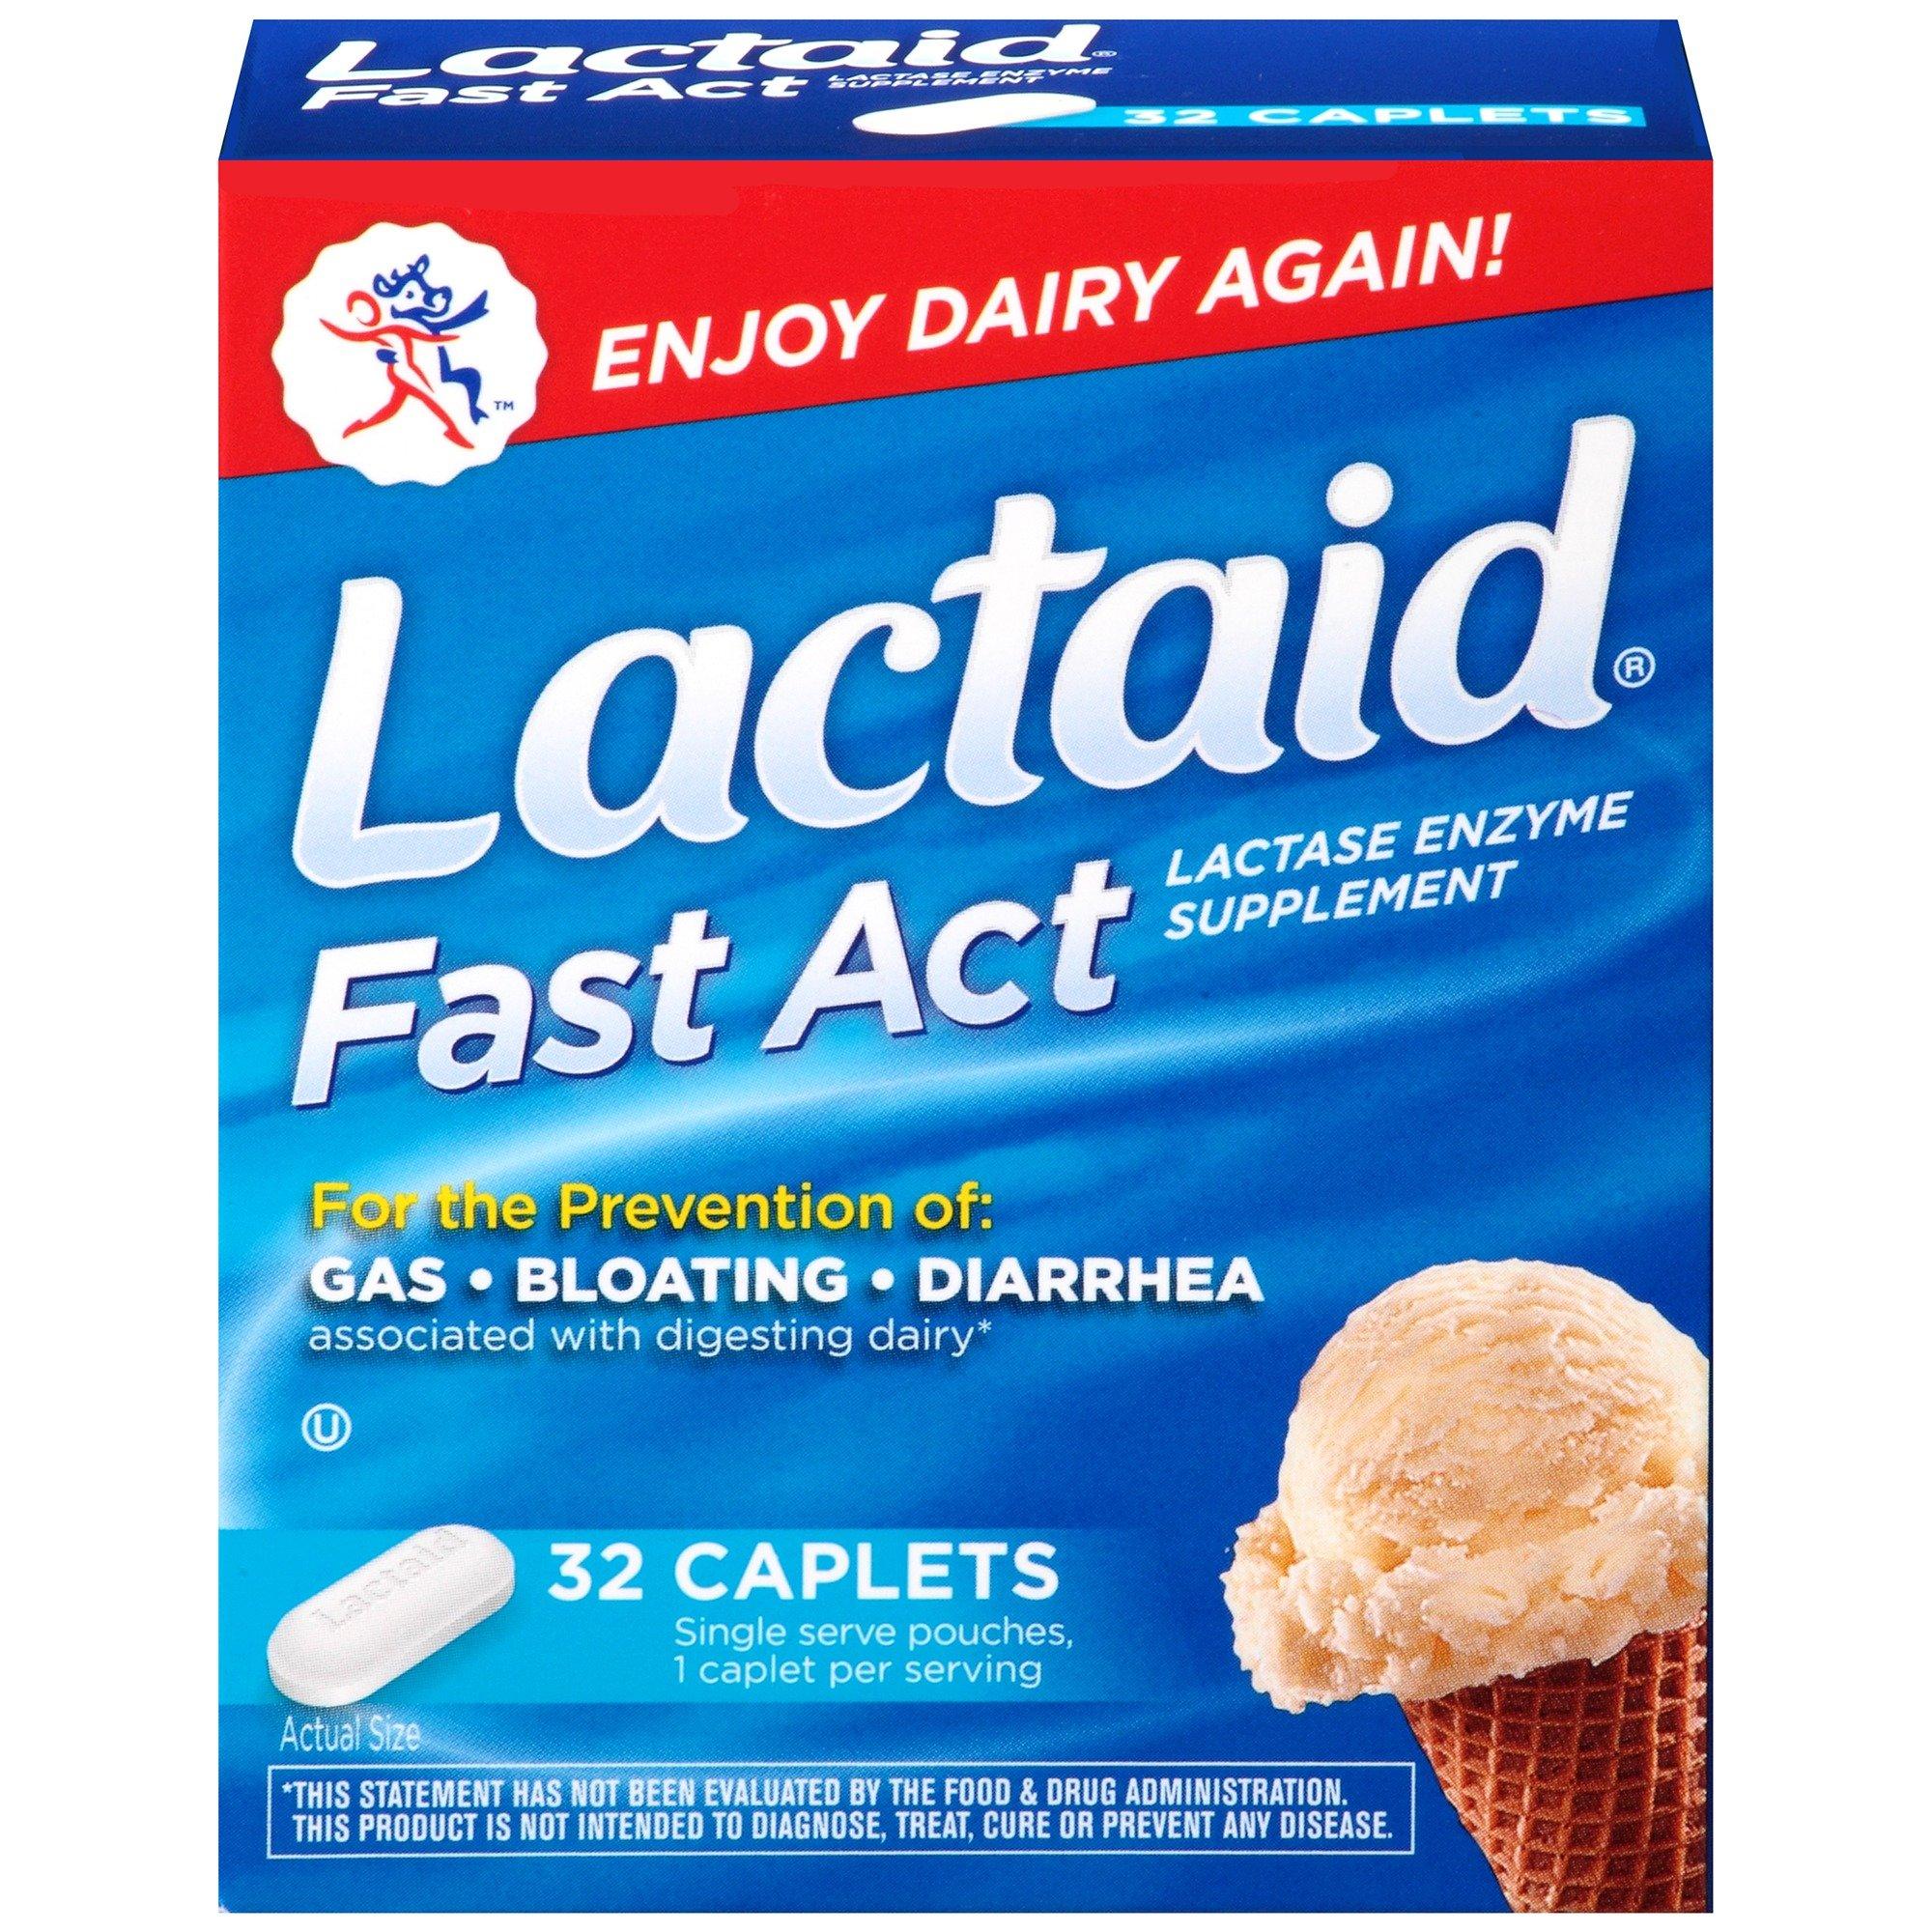 Lactaid Fast Act Lactose Intolerance, Lactase Enzyme Pills 32 single-dose pouches